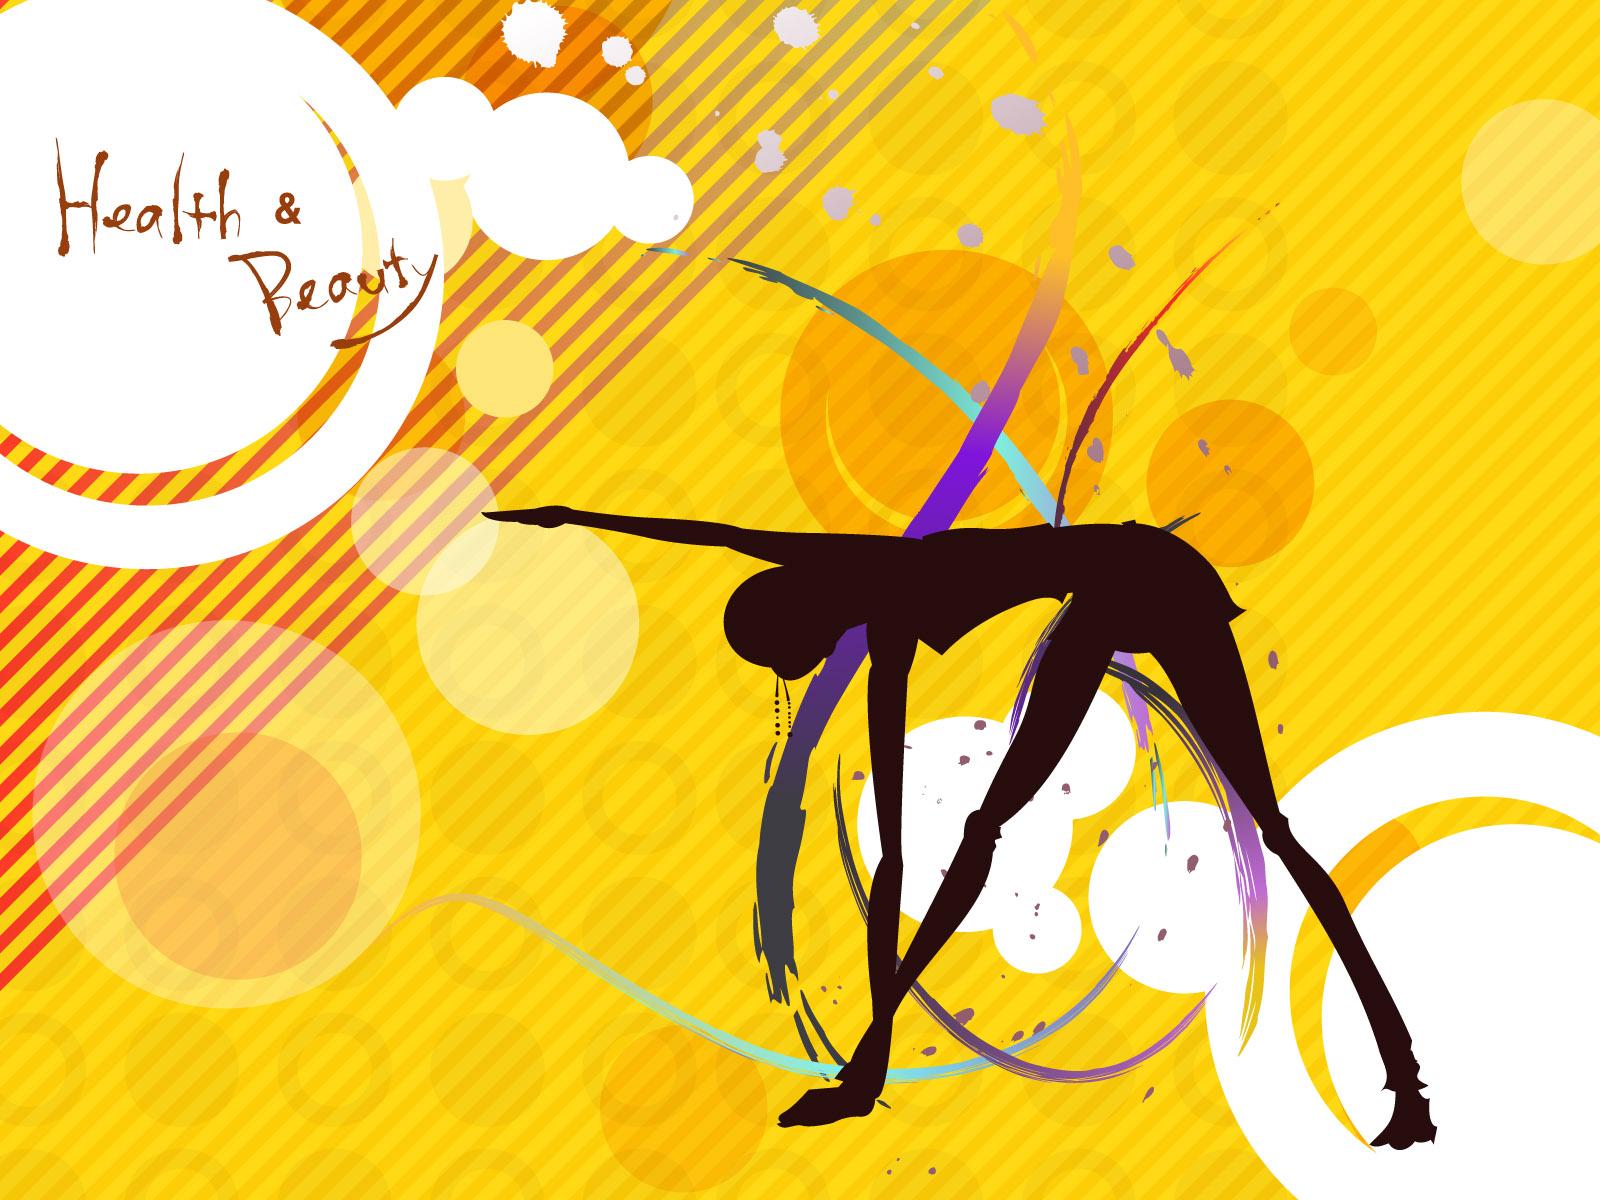 壁纸1600×1200矢量运动女孩 2 6壁纸 矢量运动女孩壁纸图片矢量壁纸矢量图片素材桌面壁纸